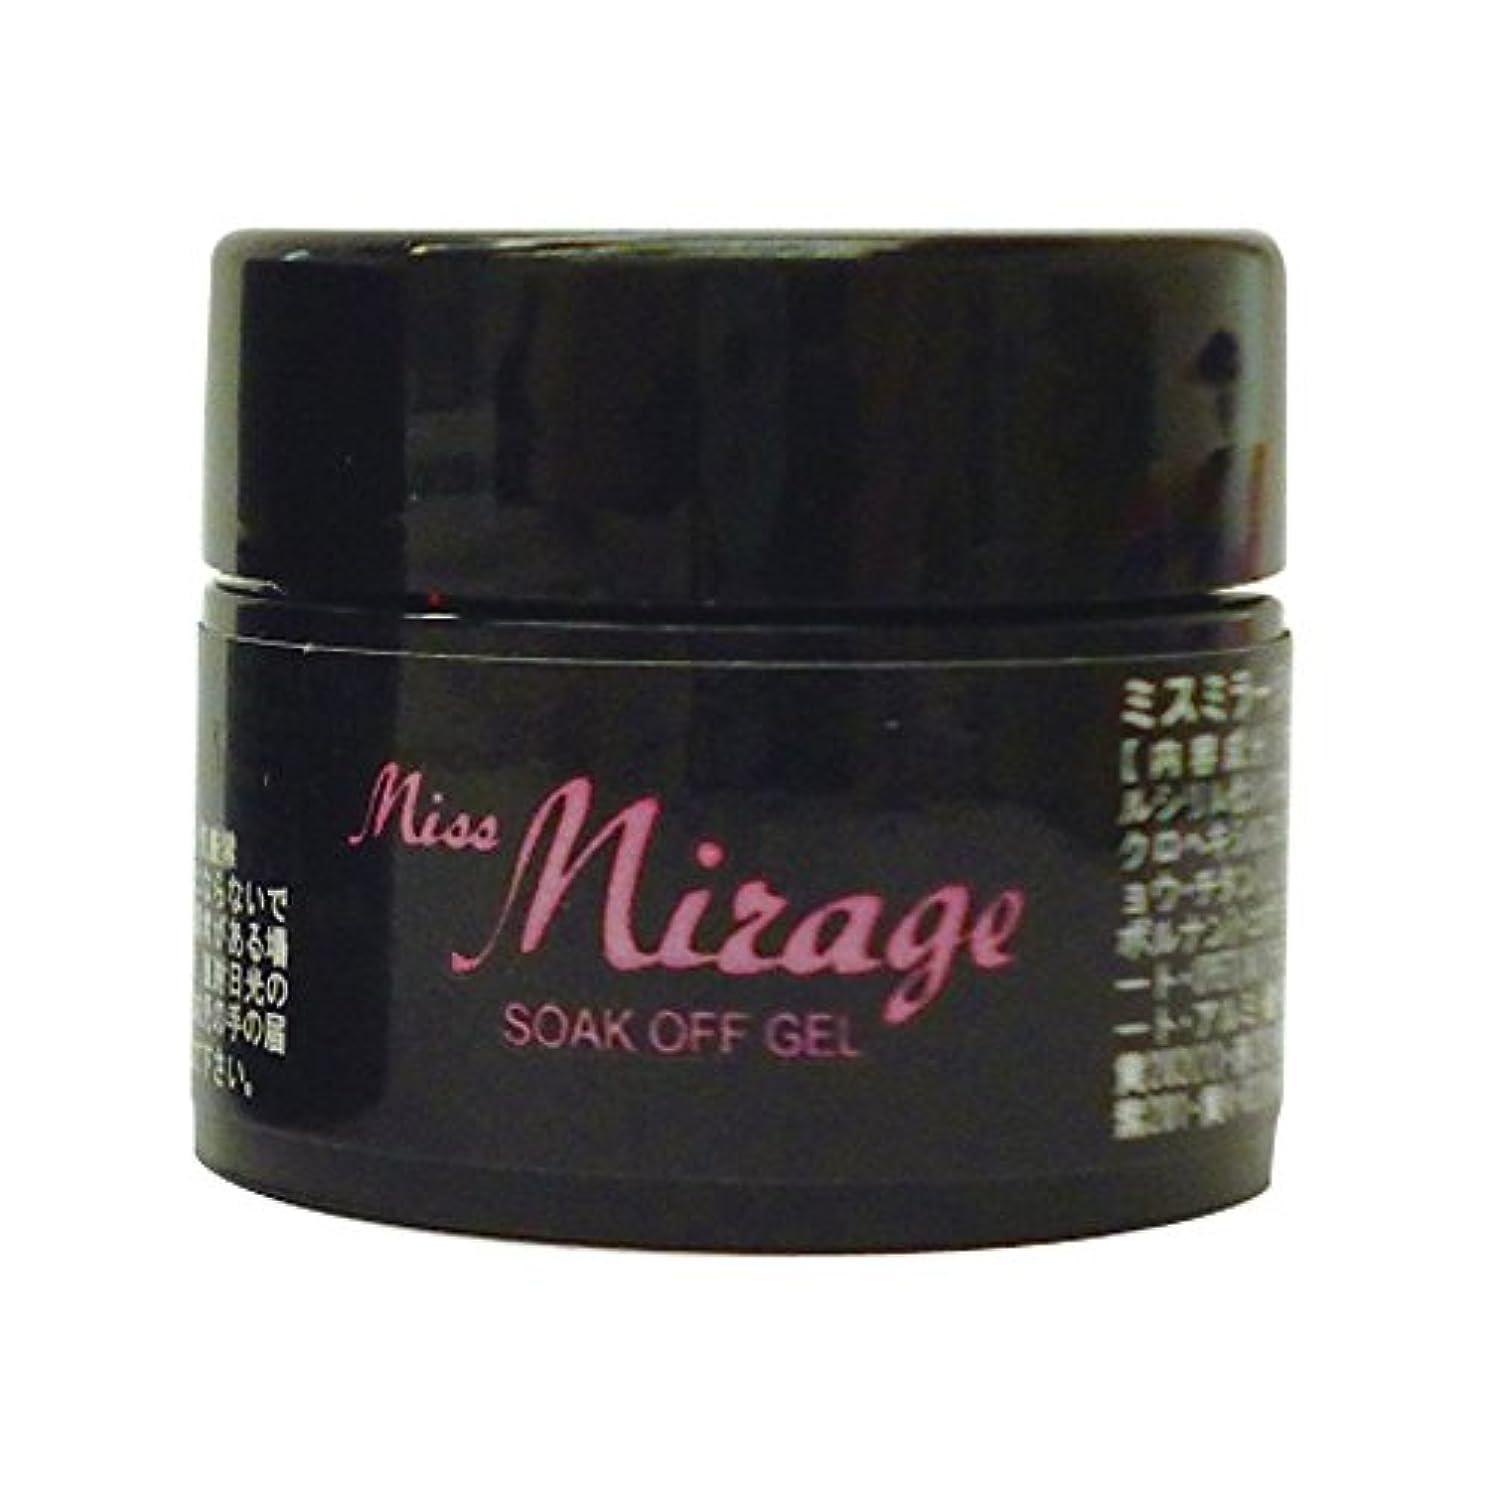 会議公平市区町村Miss Mirage(ミスミラージュ) Miss Mirage カラージェル M141S 2.5g スモーキーラベンダー UV/LED対応 ジェルネイル